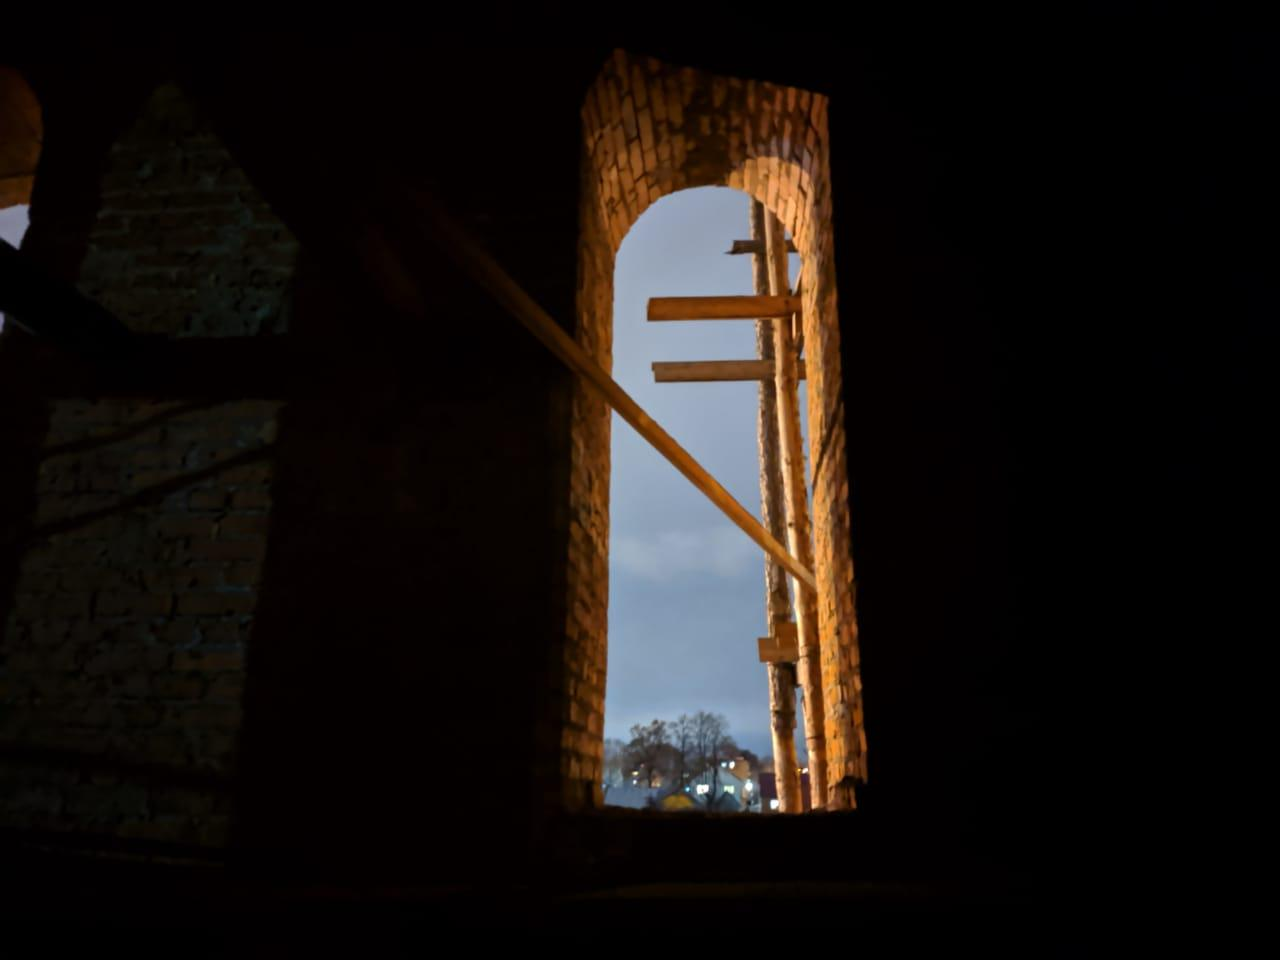 Строили, строили, пока не лишились благотворителя: Храм Святителя Феофана Затворника Вышенского на западе Тамбова